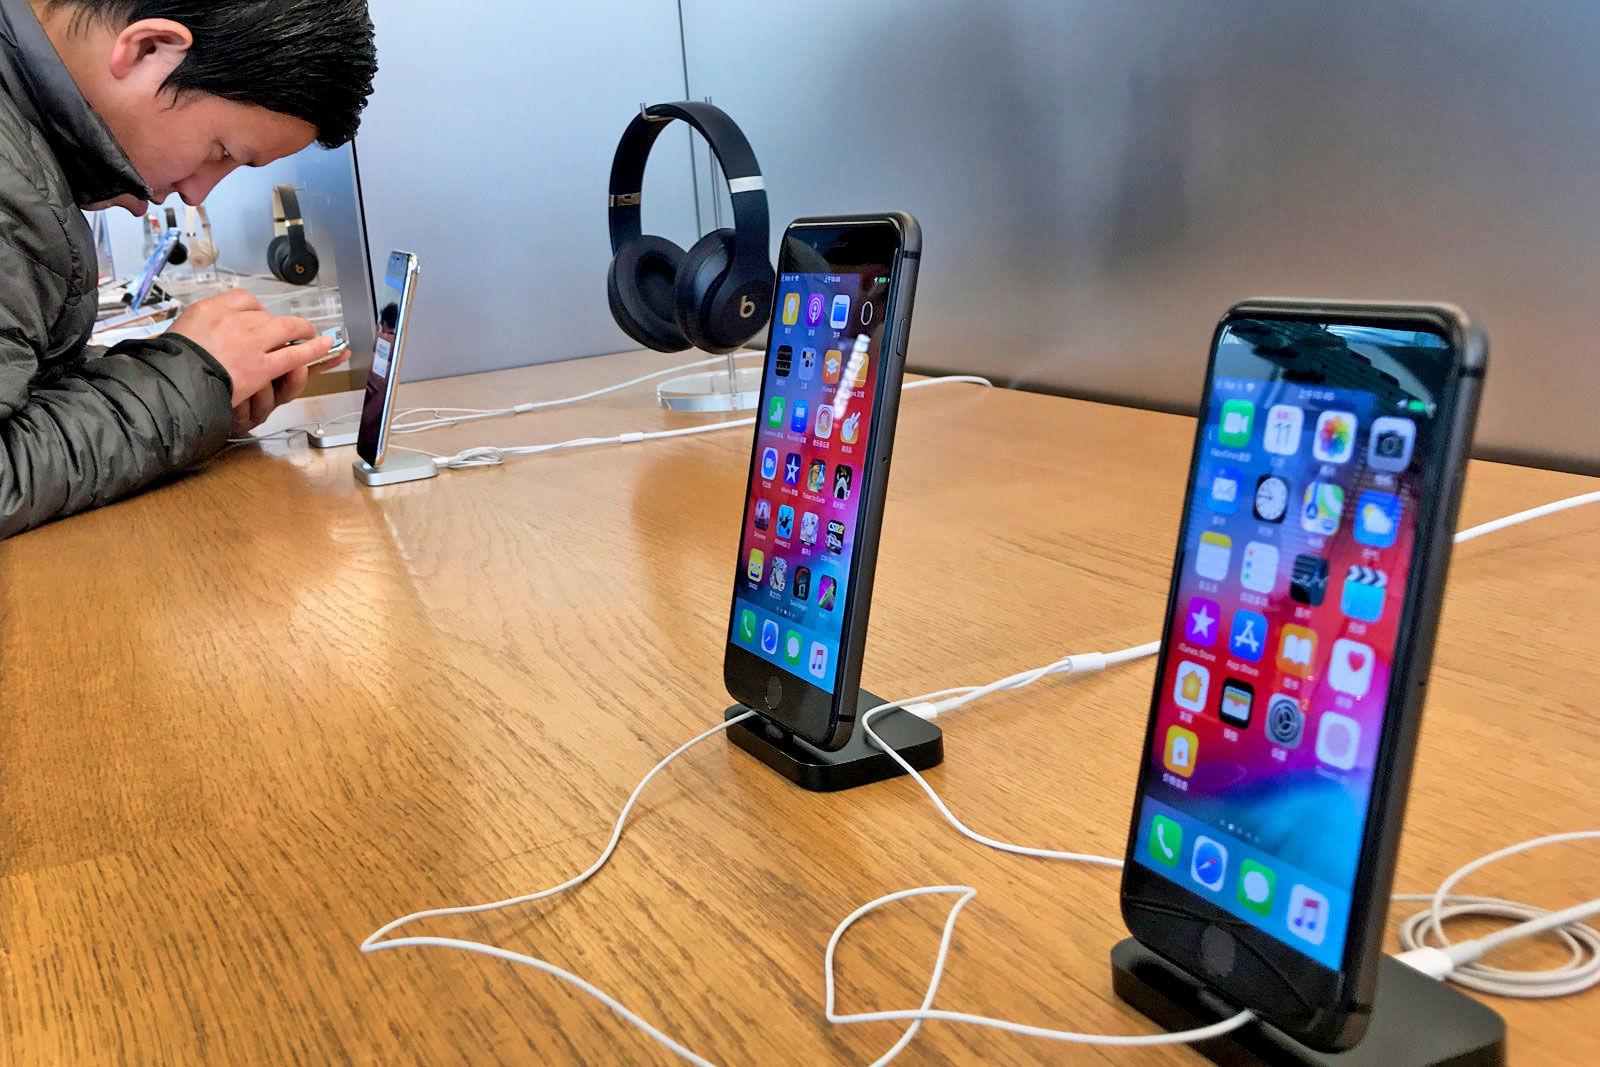 独裁判所、一部iPhoneの販売差し止めへ。アップルによるクアルコムの特許侵害認める